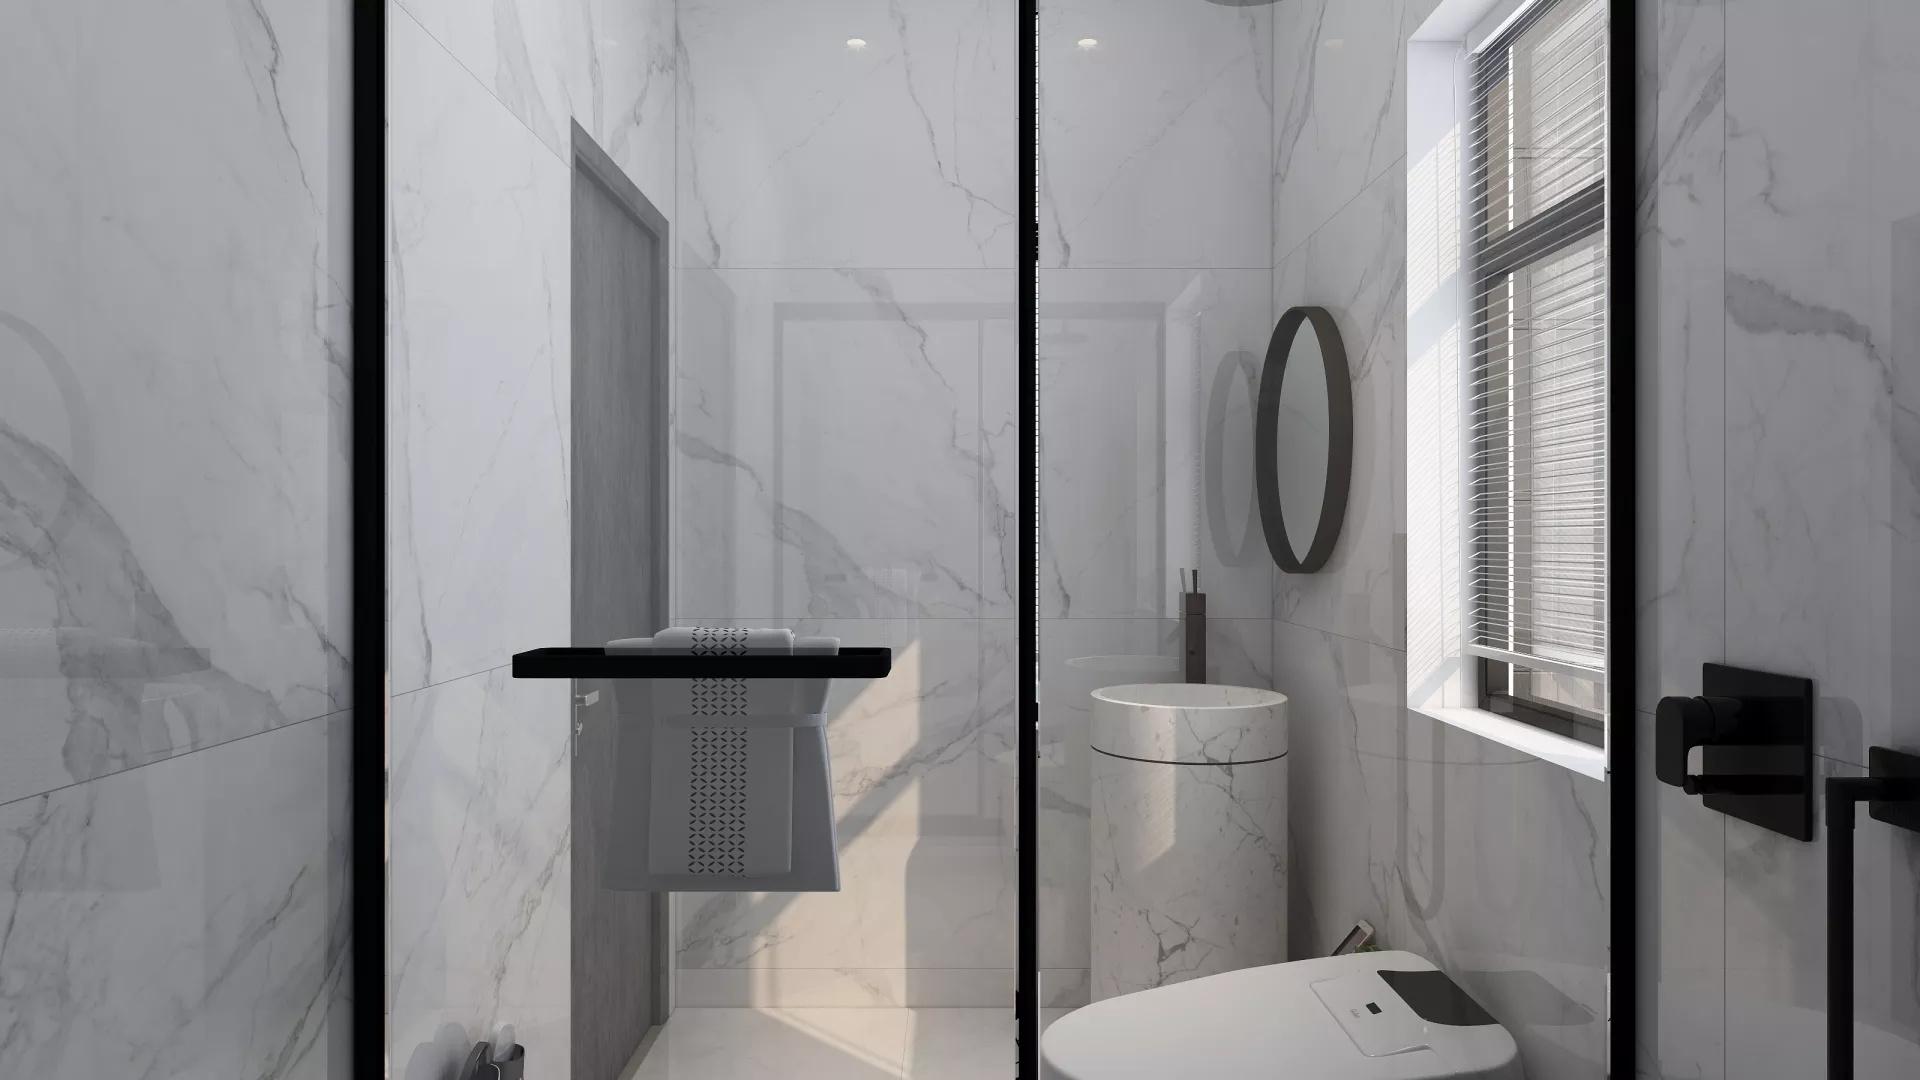 室内装饰风格有哪些 室内装饰哪种风格好看